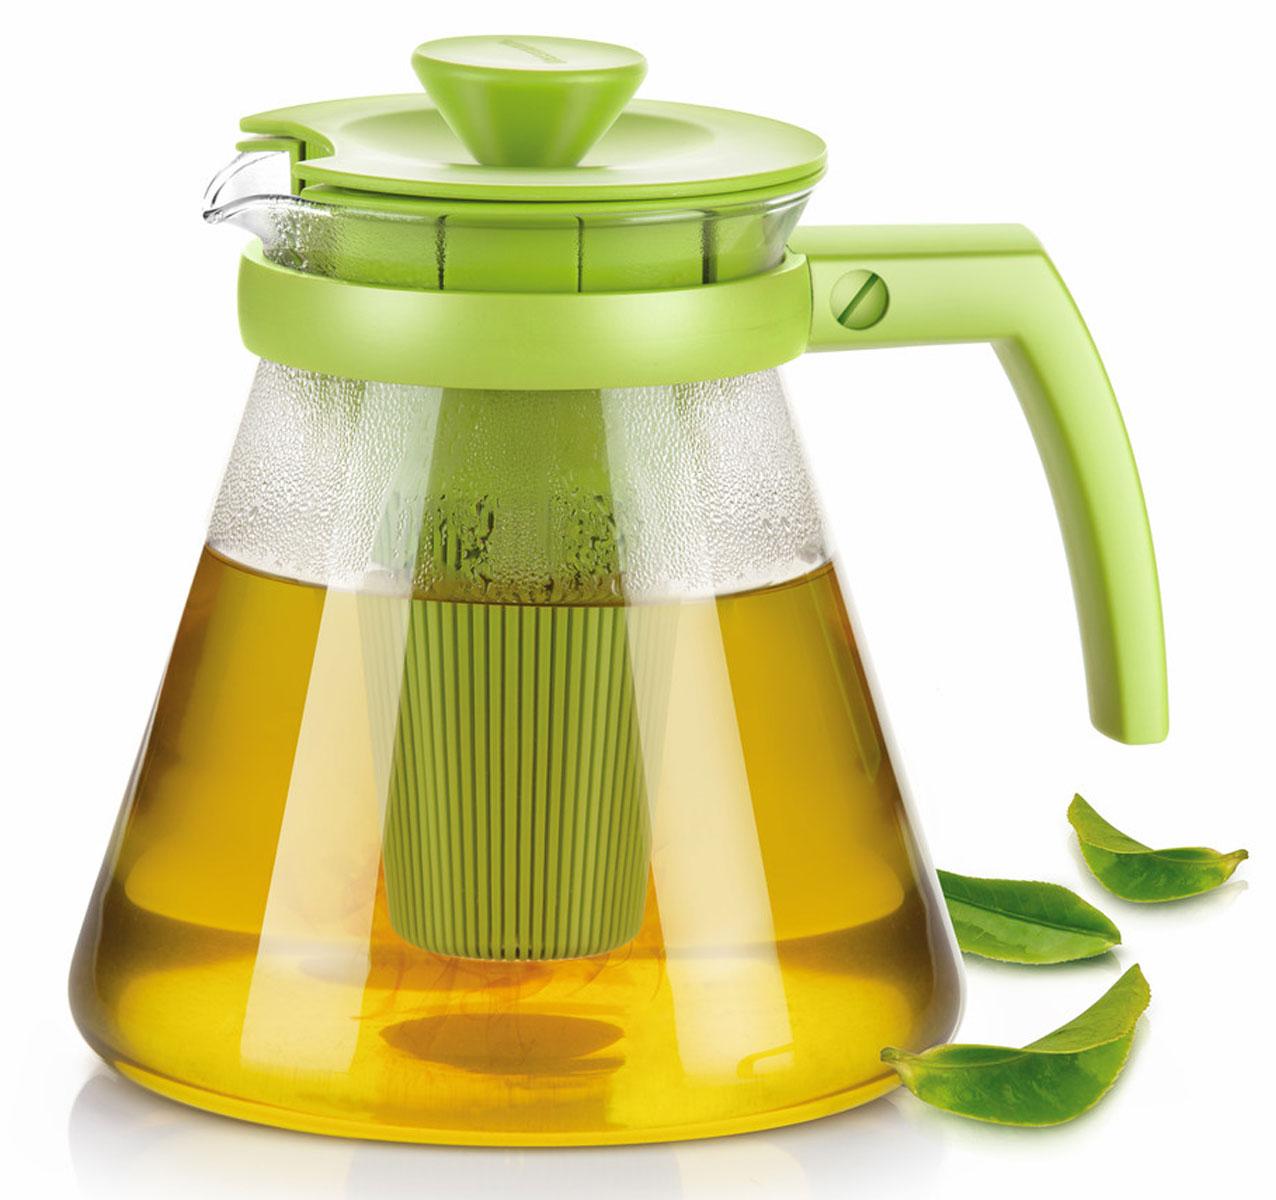 Чайник заварочный Tescoma Teo Tone, с ситечком, цвет: салатовый, прозрачный, 1,7 л646625.25Чайник заварочный Tescoma Teo Tone предназначен для подготовки и сервировки всех видов чая и чайных напитков. Чайник снабжен глубоким ситечком для заваривания свежей мяты, мелиссы, имбиря, сушеного шиповника, фруктов, а также очень густым ситечком для заваривания всех видов рассыпного чая. Корпус чайника изготовлен из термостойкого боросиликатного стекла, поэтому его можно ставить на плиту. Ручка, крышка и ситечко изготовлены из прочного пластика. Чайник подходит для газовых, электрических и стеклокерамических плит, микроволновой печи. Не рекомендуется мыть в посудомоечной машине. Инструкция по использованию внутри упаковки. Диаметр (по верхнему краю): 10 см. Диаметр основания: 16 см. Высота: 18 см.